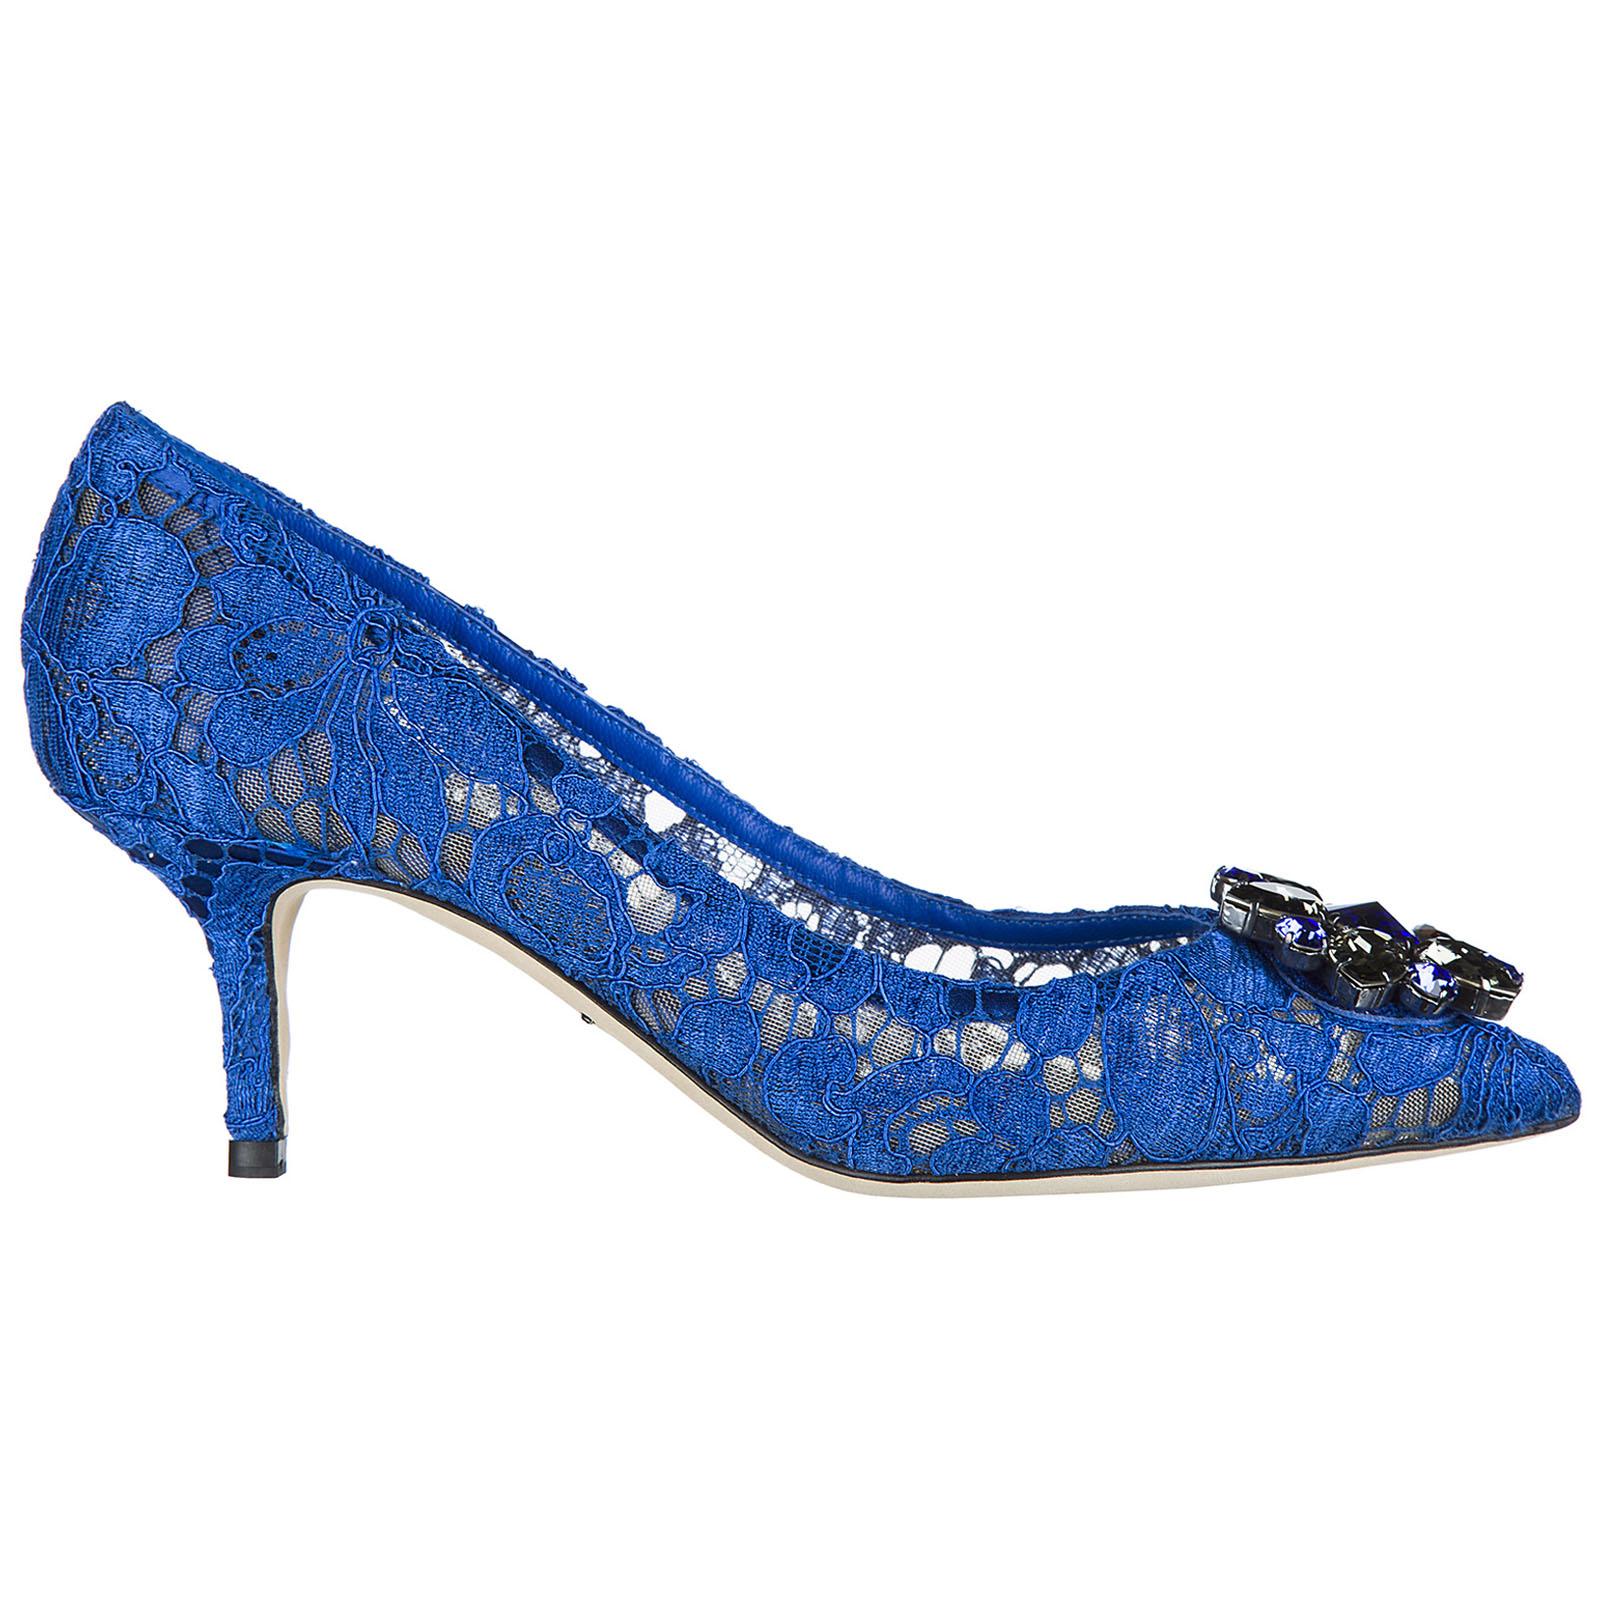 Decolletes decoltè scarpe donna con tacco bellucci